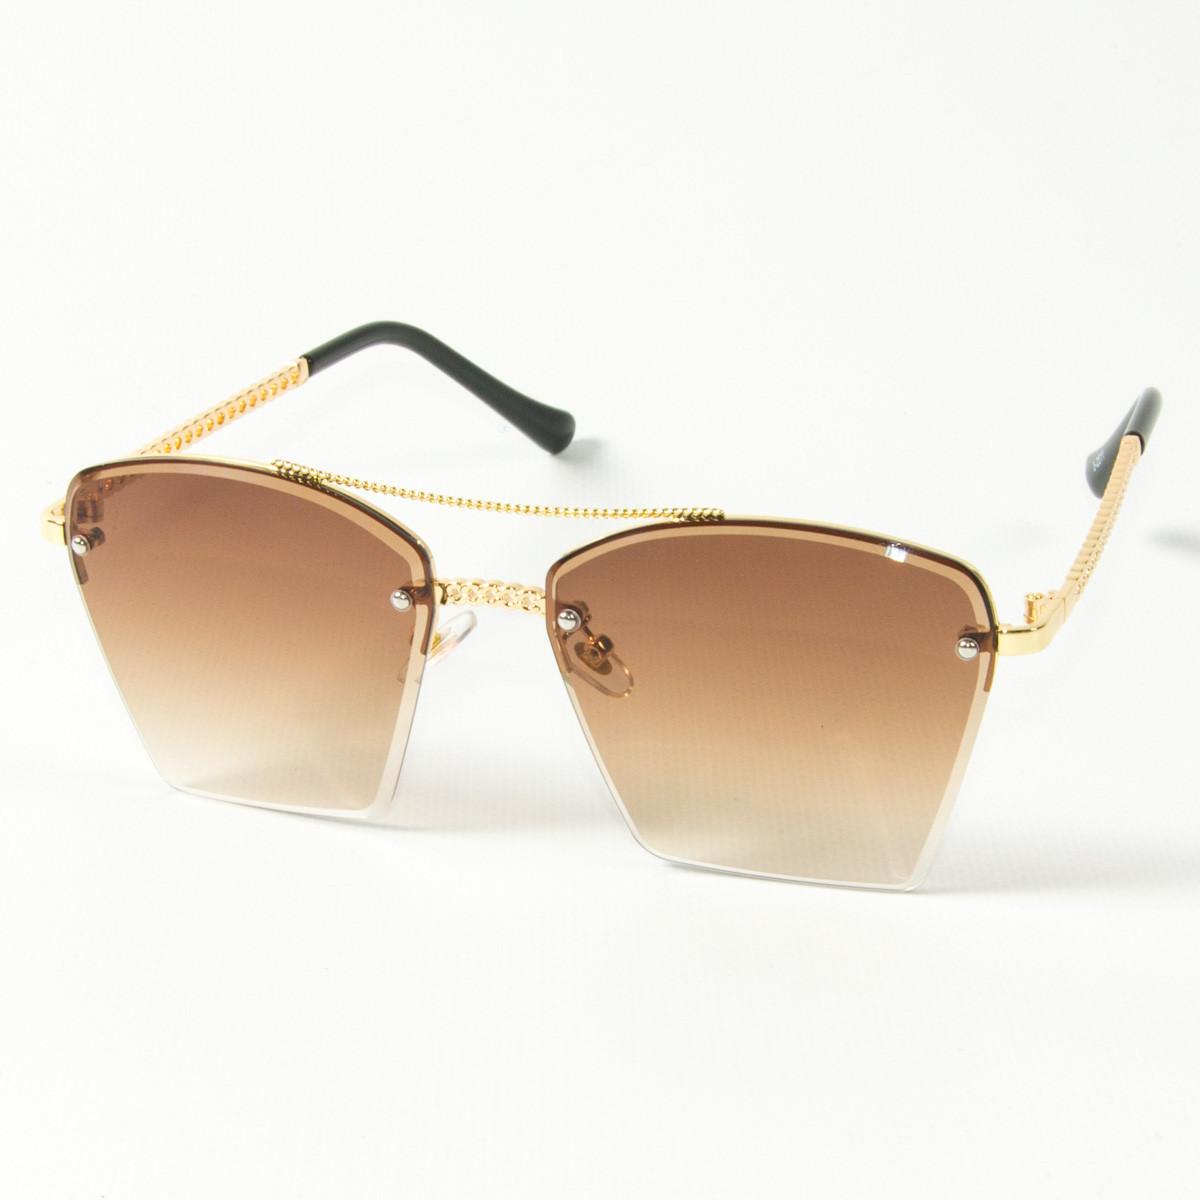 Оптом женские солнцезащитные квадратные очки  (арт. 3-2511/2) коричневые